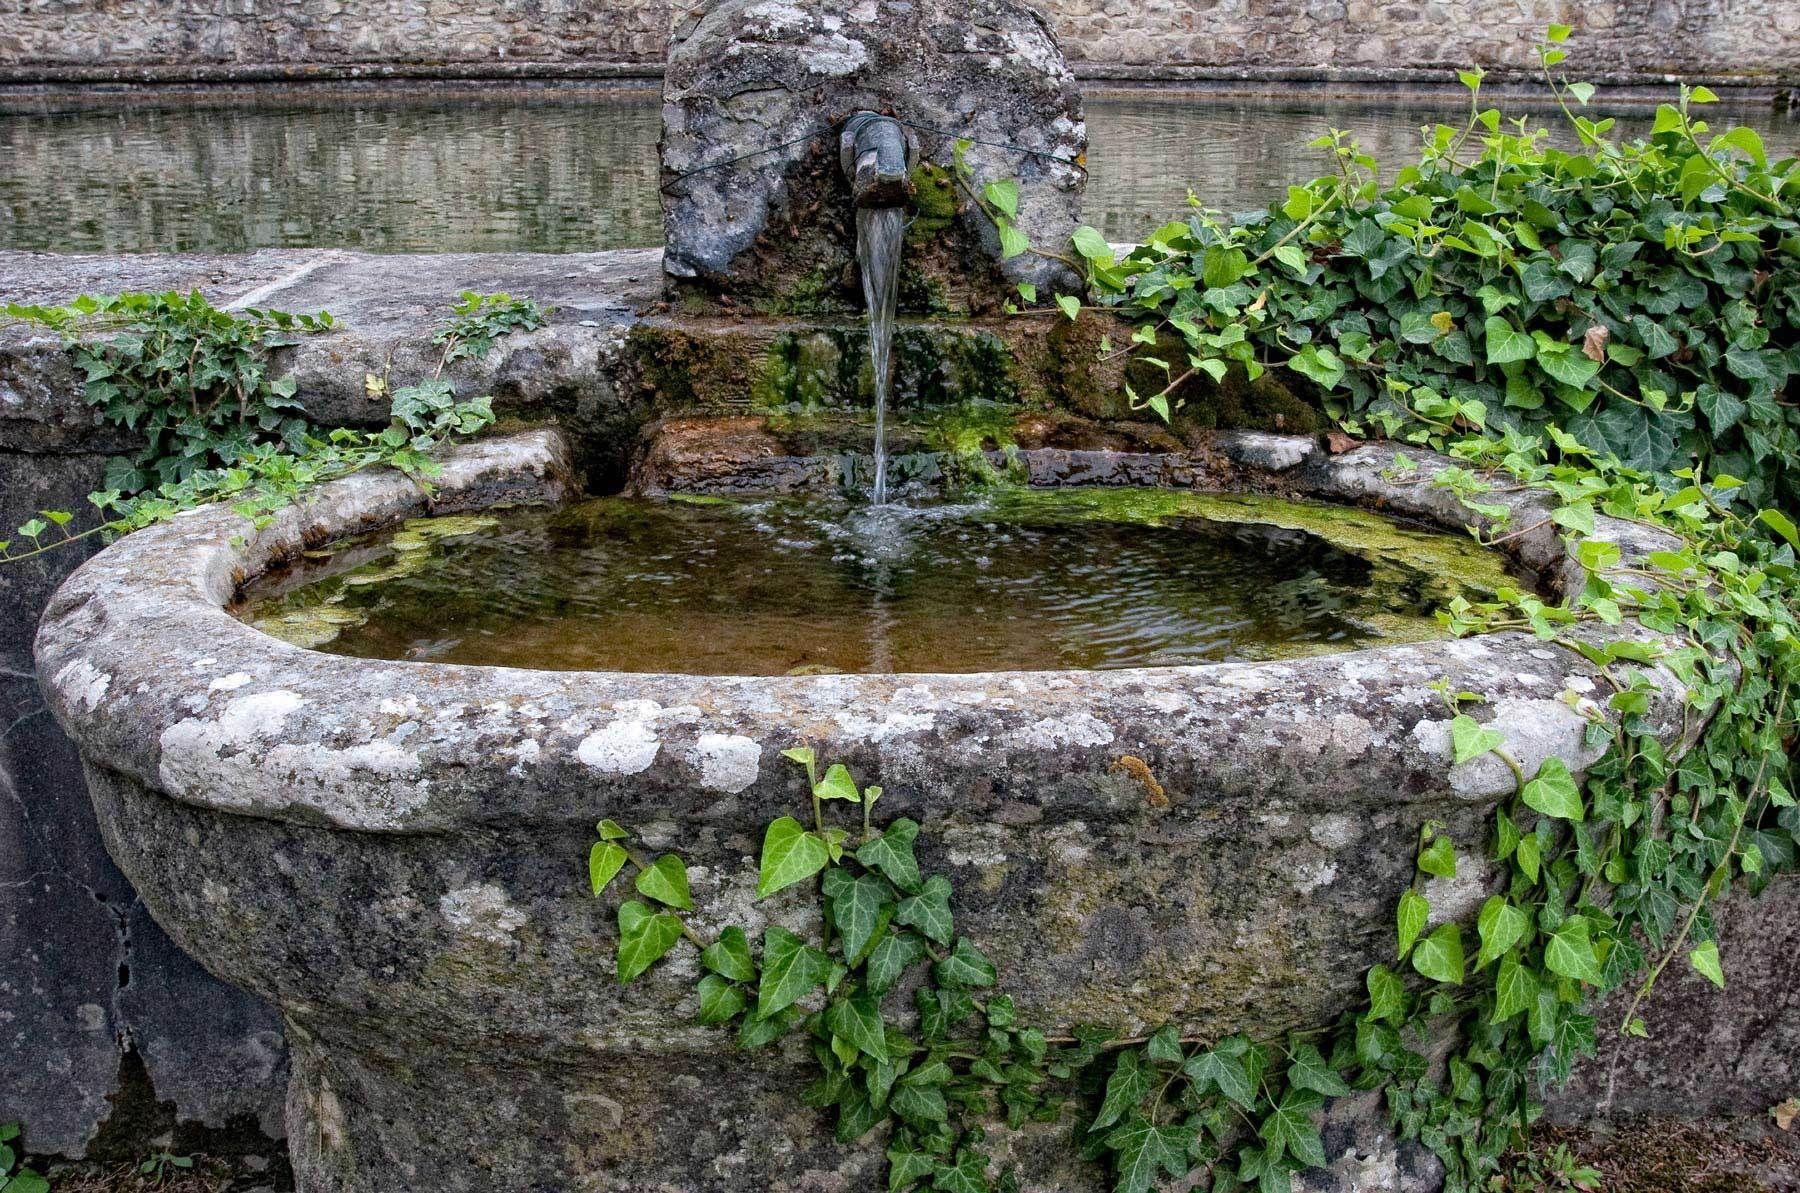 tuscany wall fountain - photo#41